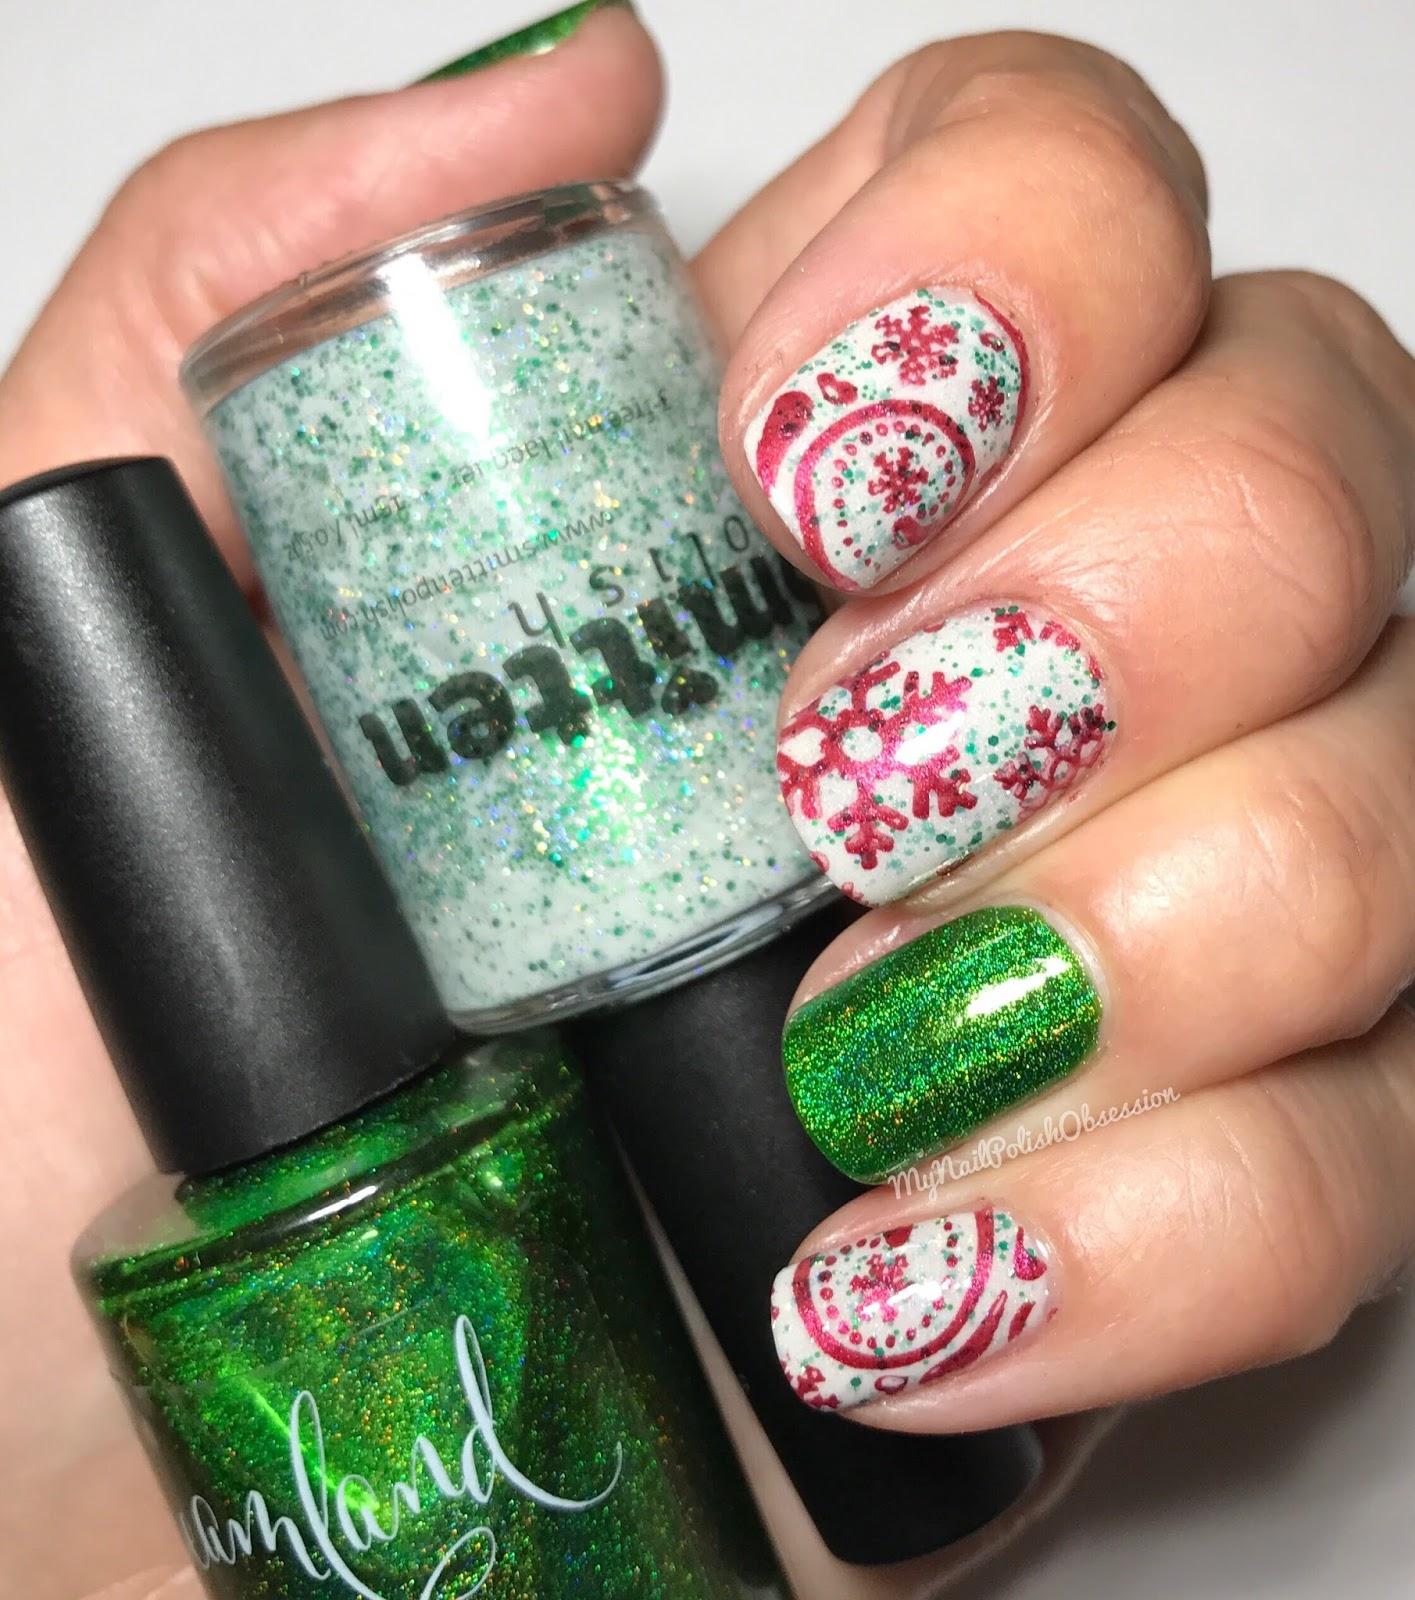 My Nail Polish Obsession: Christmas Eve Nail Art